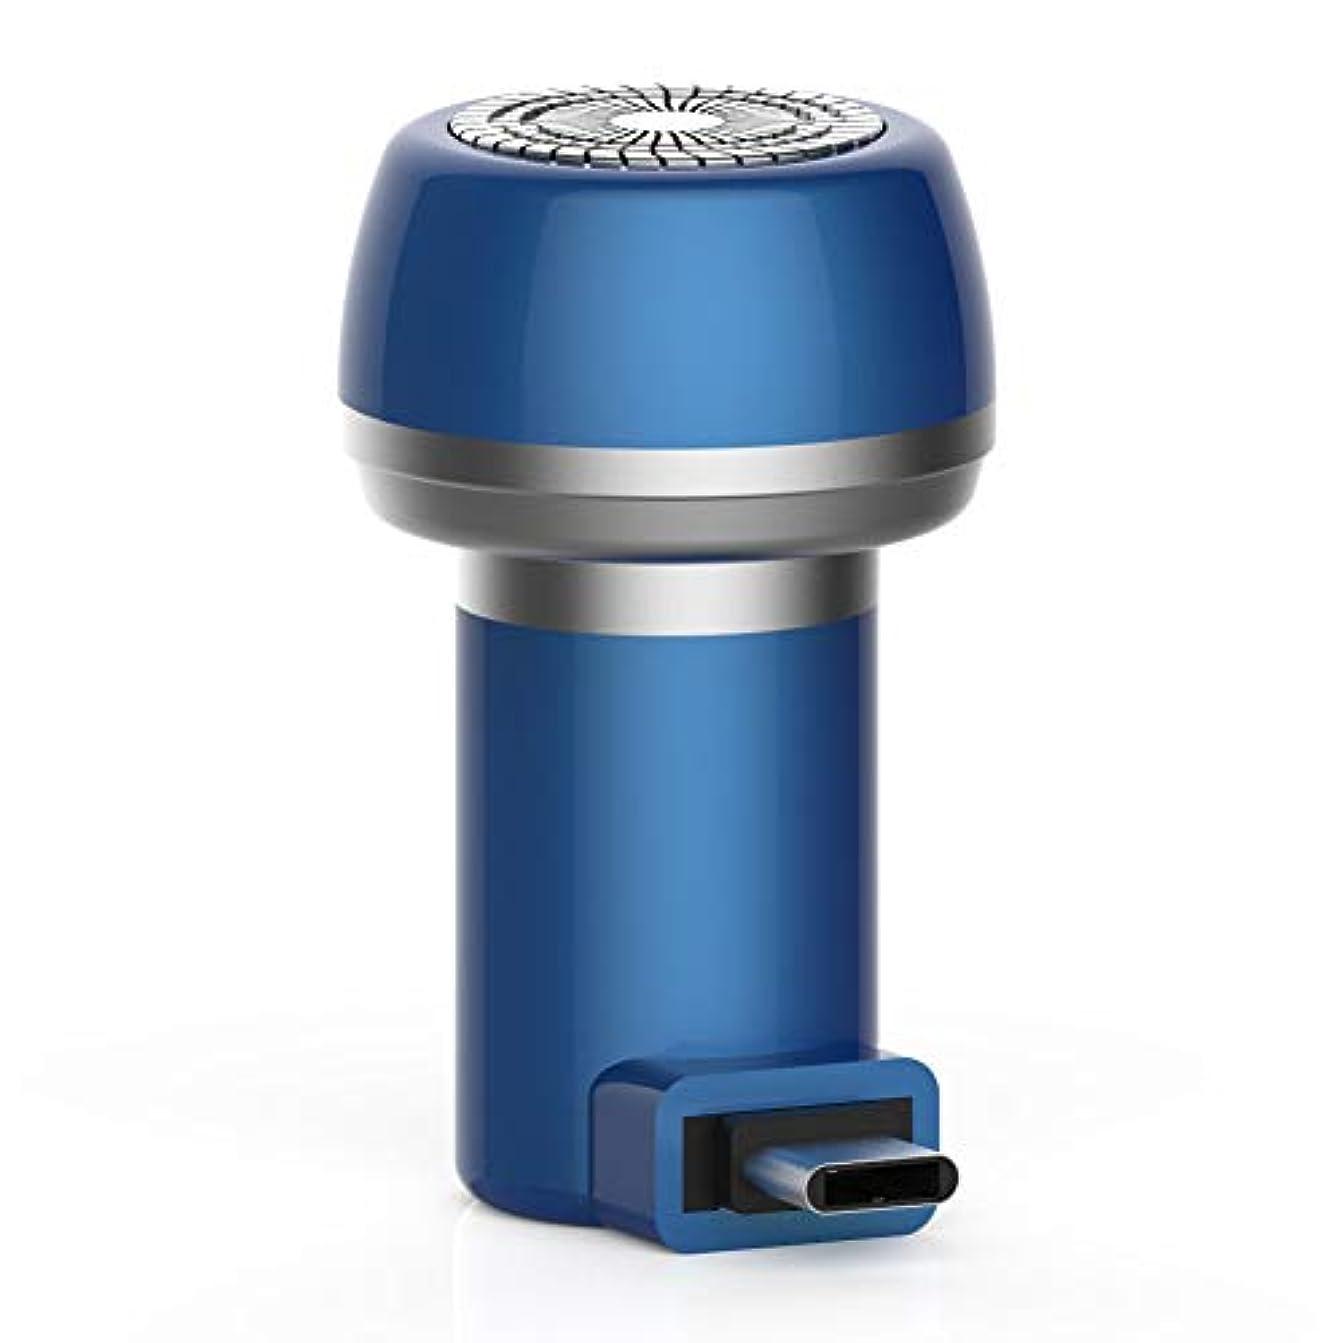 テキスト足音パークCoolTack  電気充電式シェーバー、2に付き1磁気電気シェーバーミニポータブルType-C USB防水耐久性剃刀